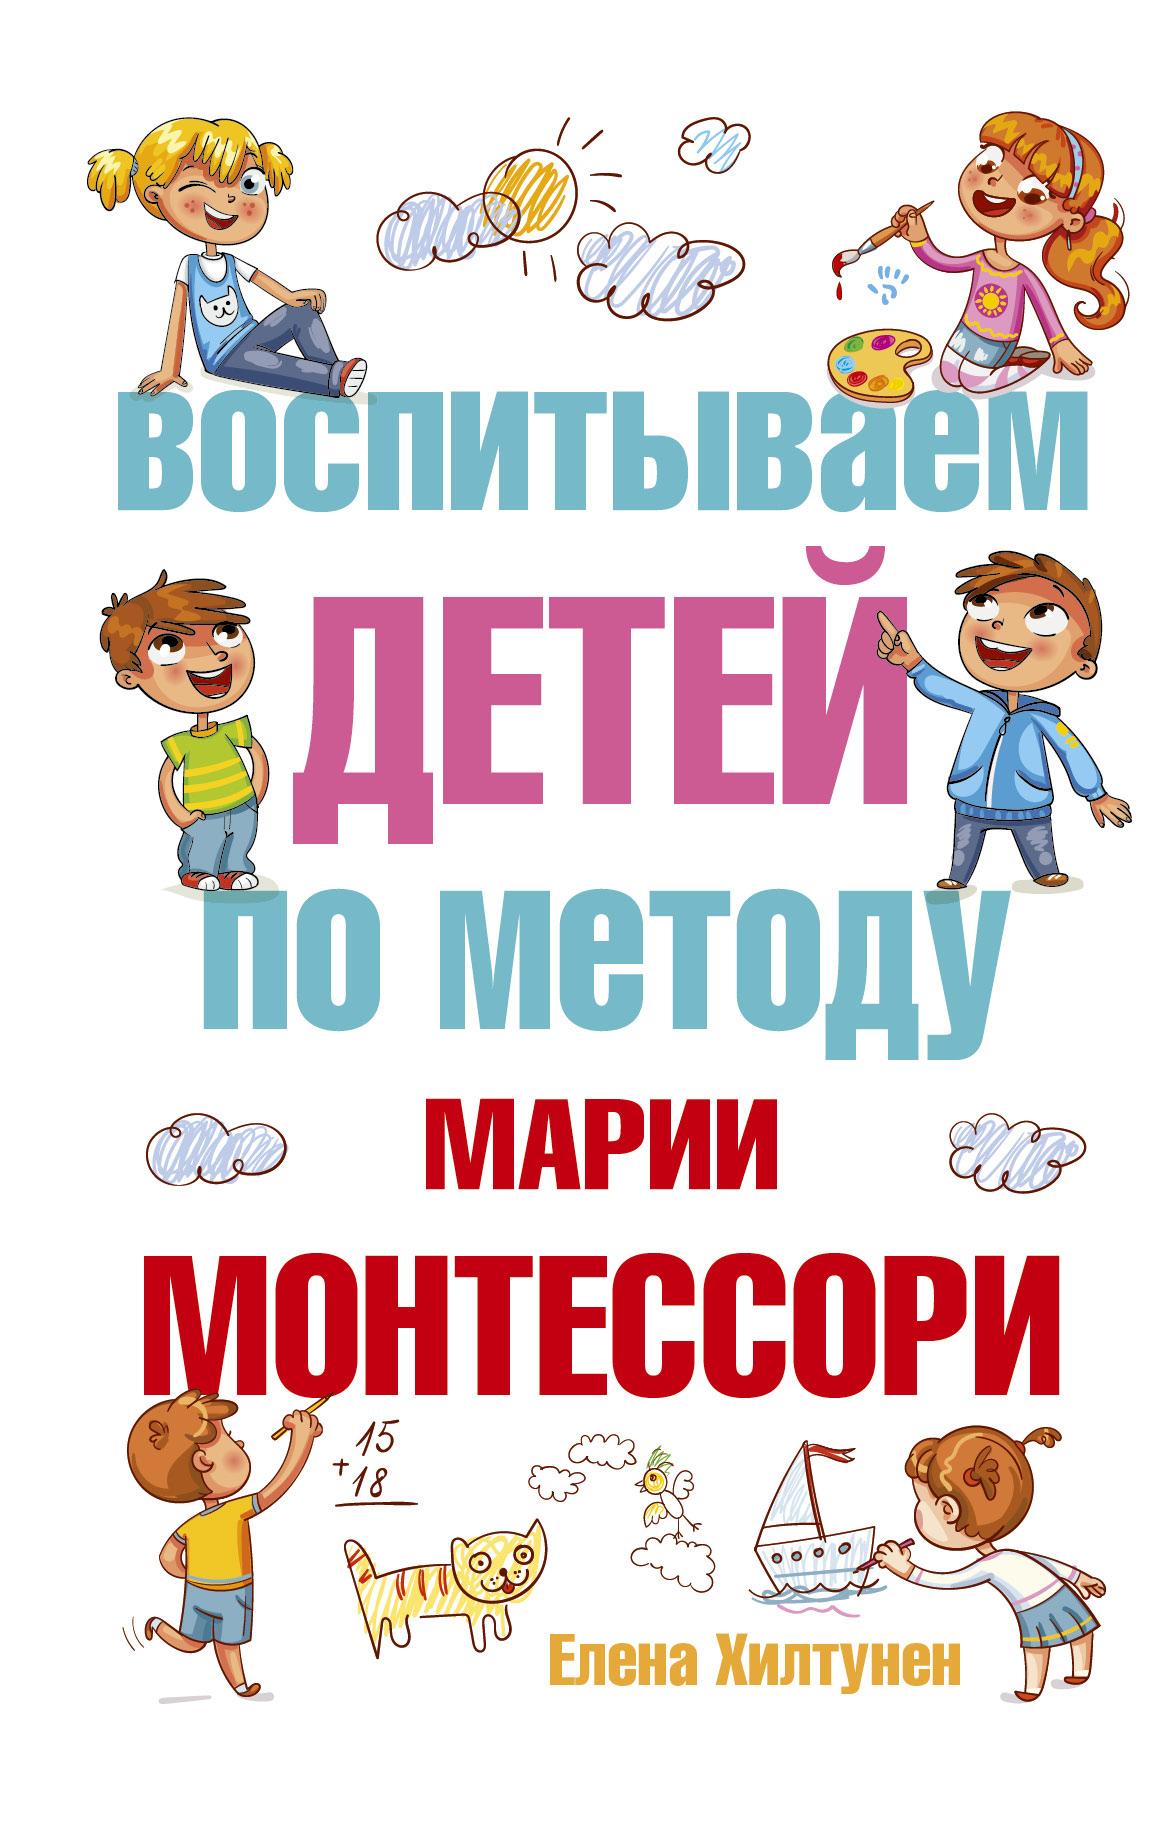 Елена Хилтунен Воспитываем детей по методу Марии Монтессори хилтунен елена александровна воспитываем детей по методу марии монтессори